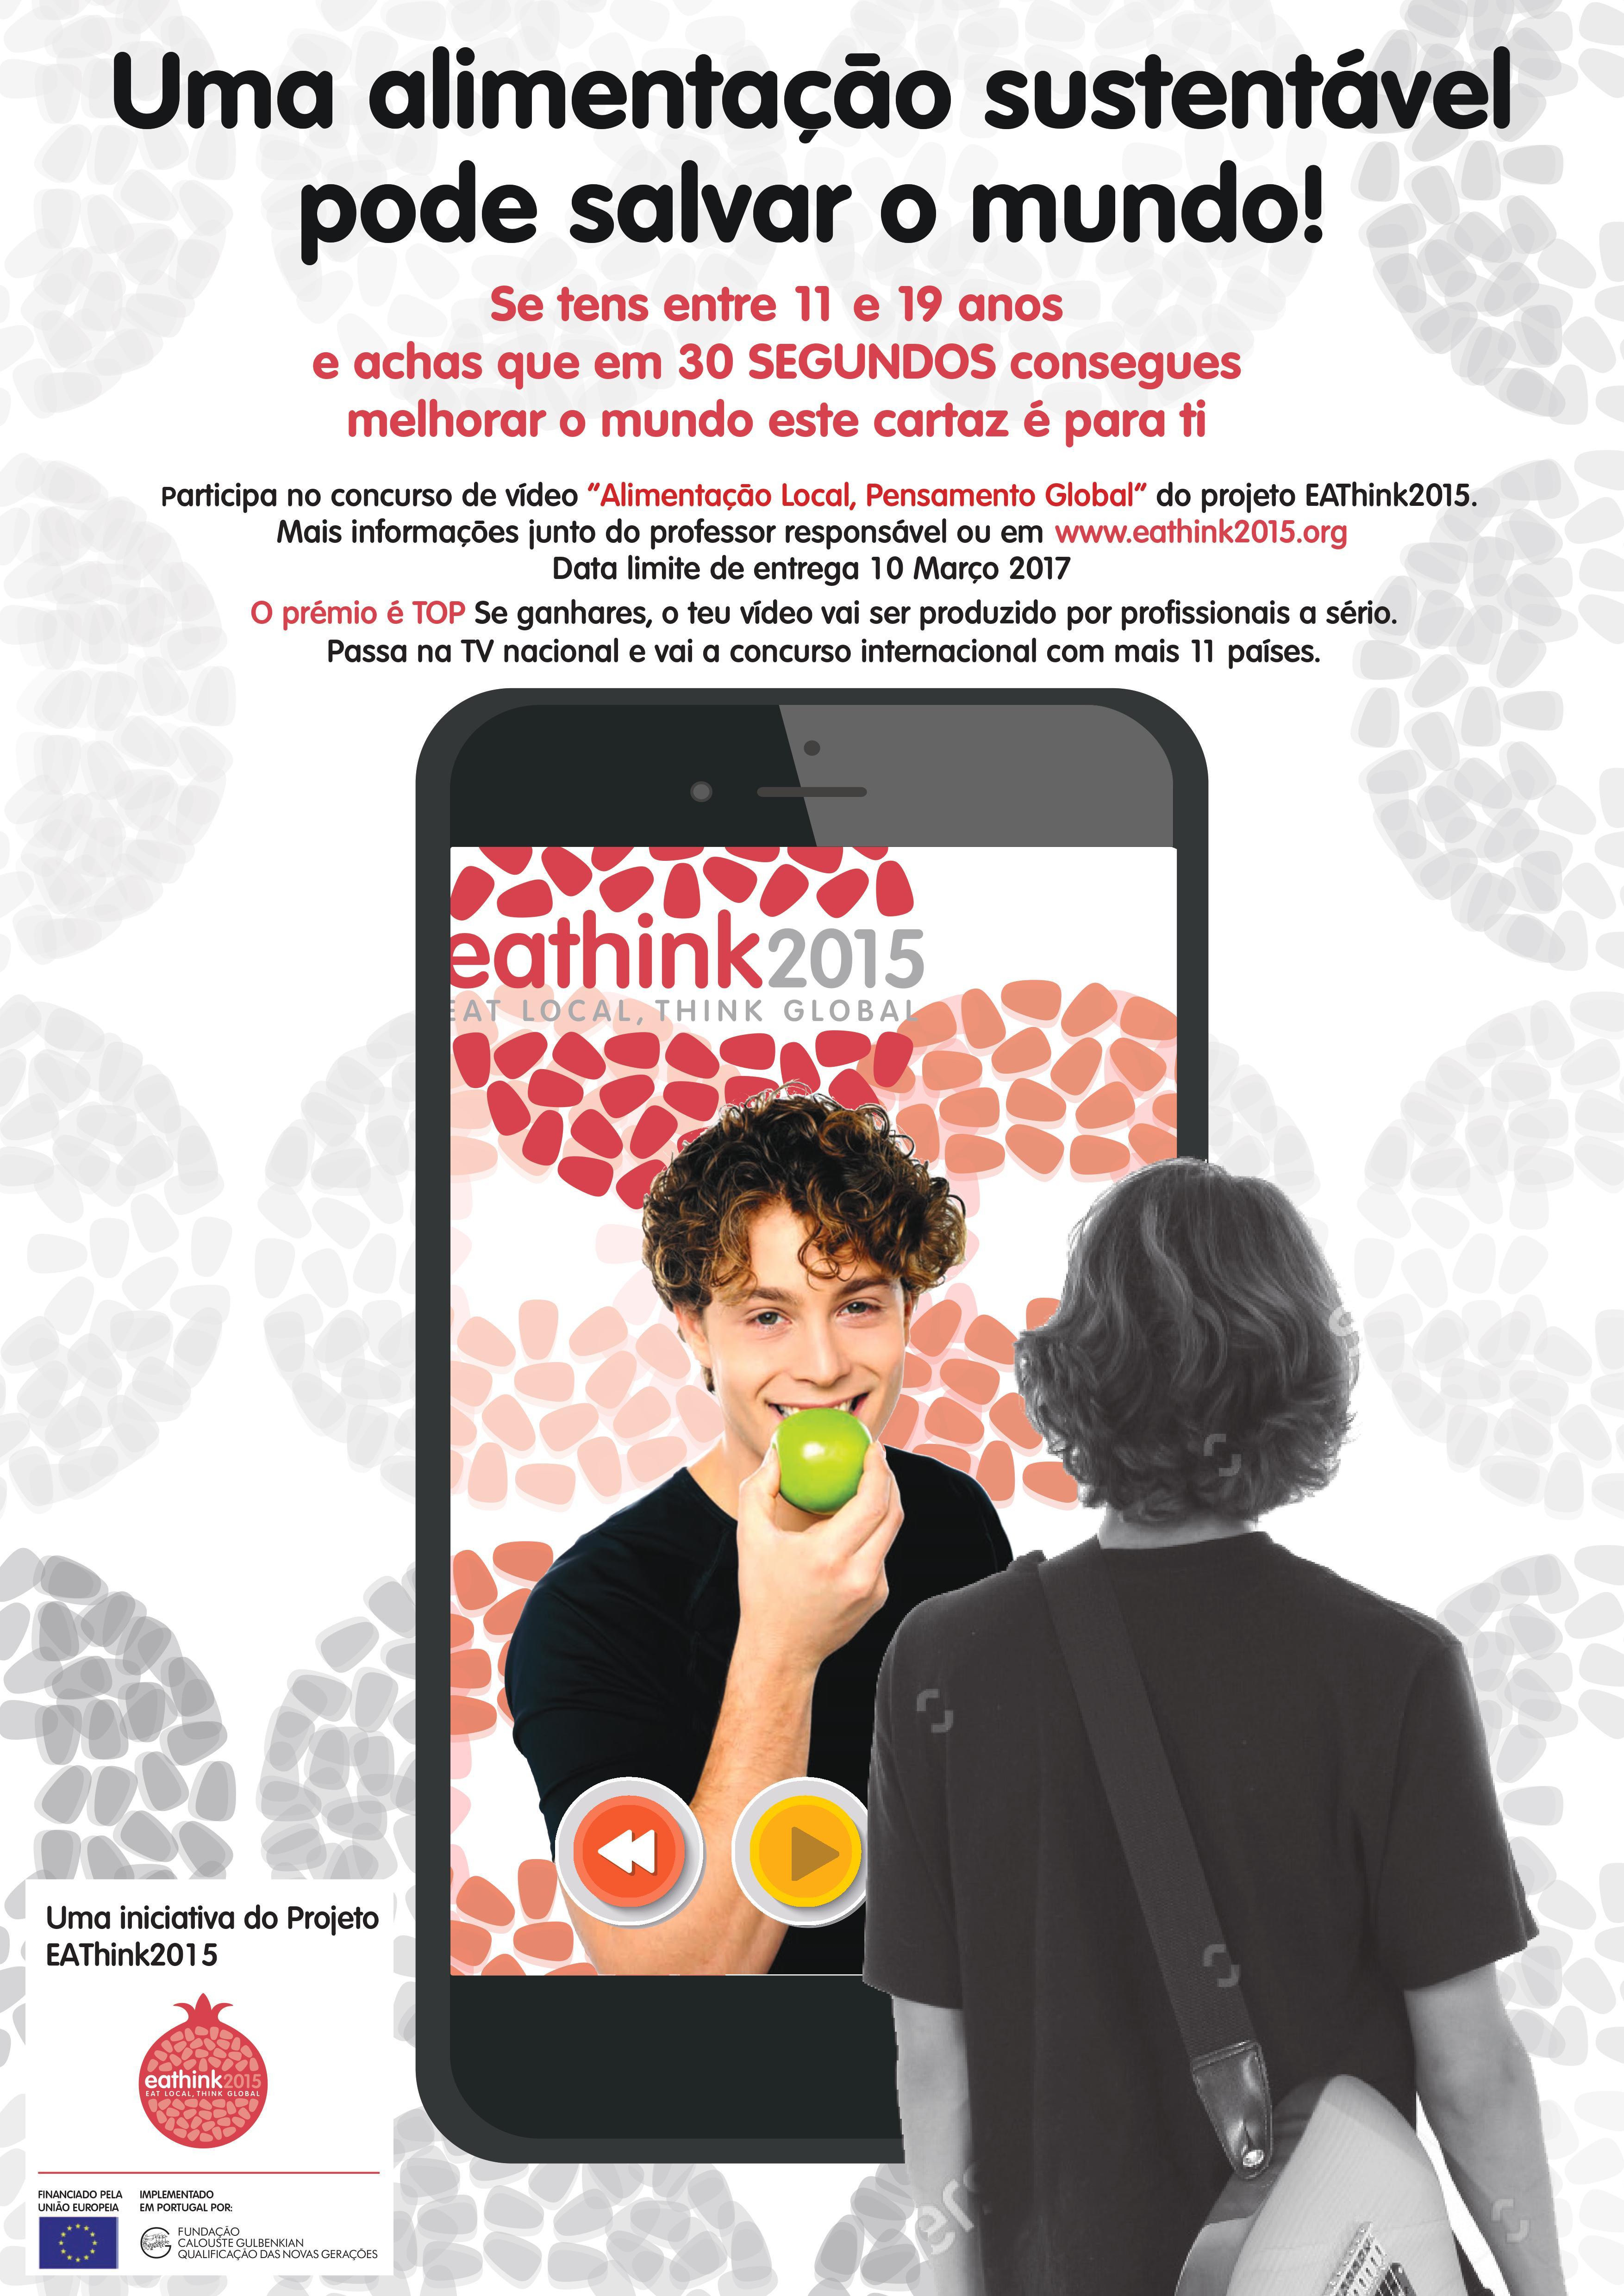 """Está aberto o concurso de vídeo """"Alimentação local, Pensamento global"""", uma iniciativa do projeto EAThink2015!"""